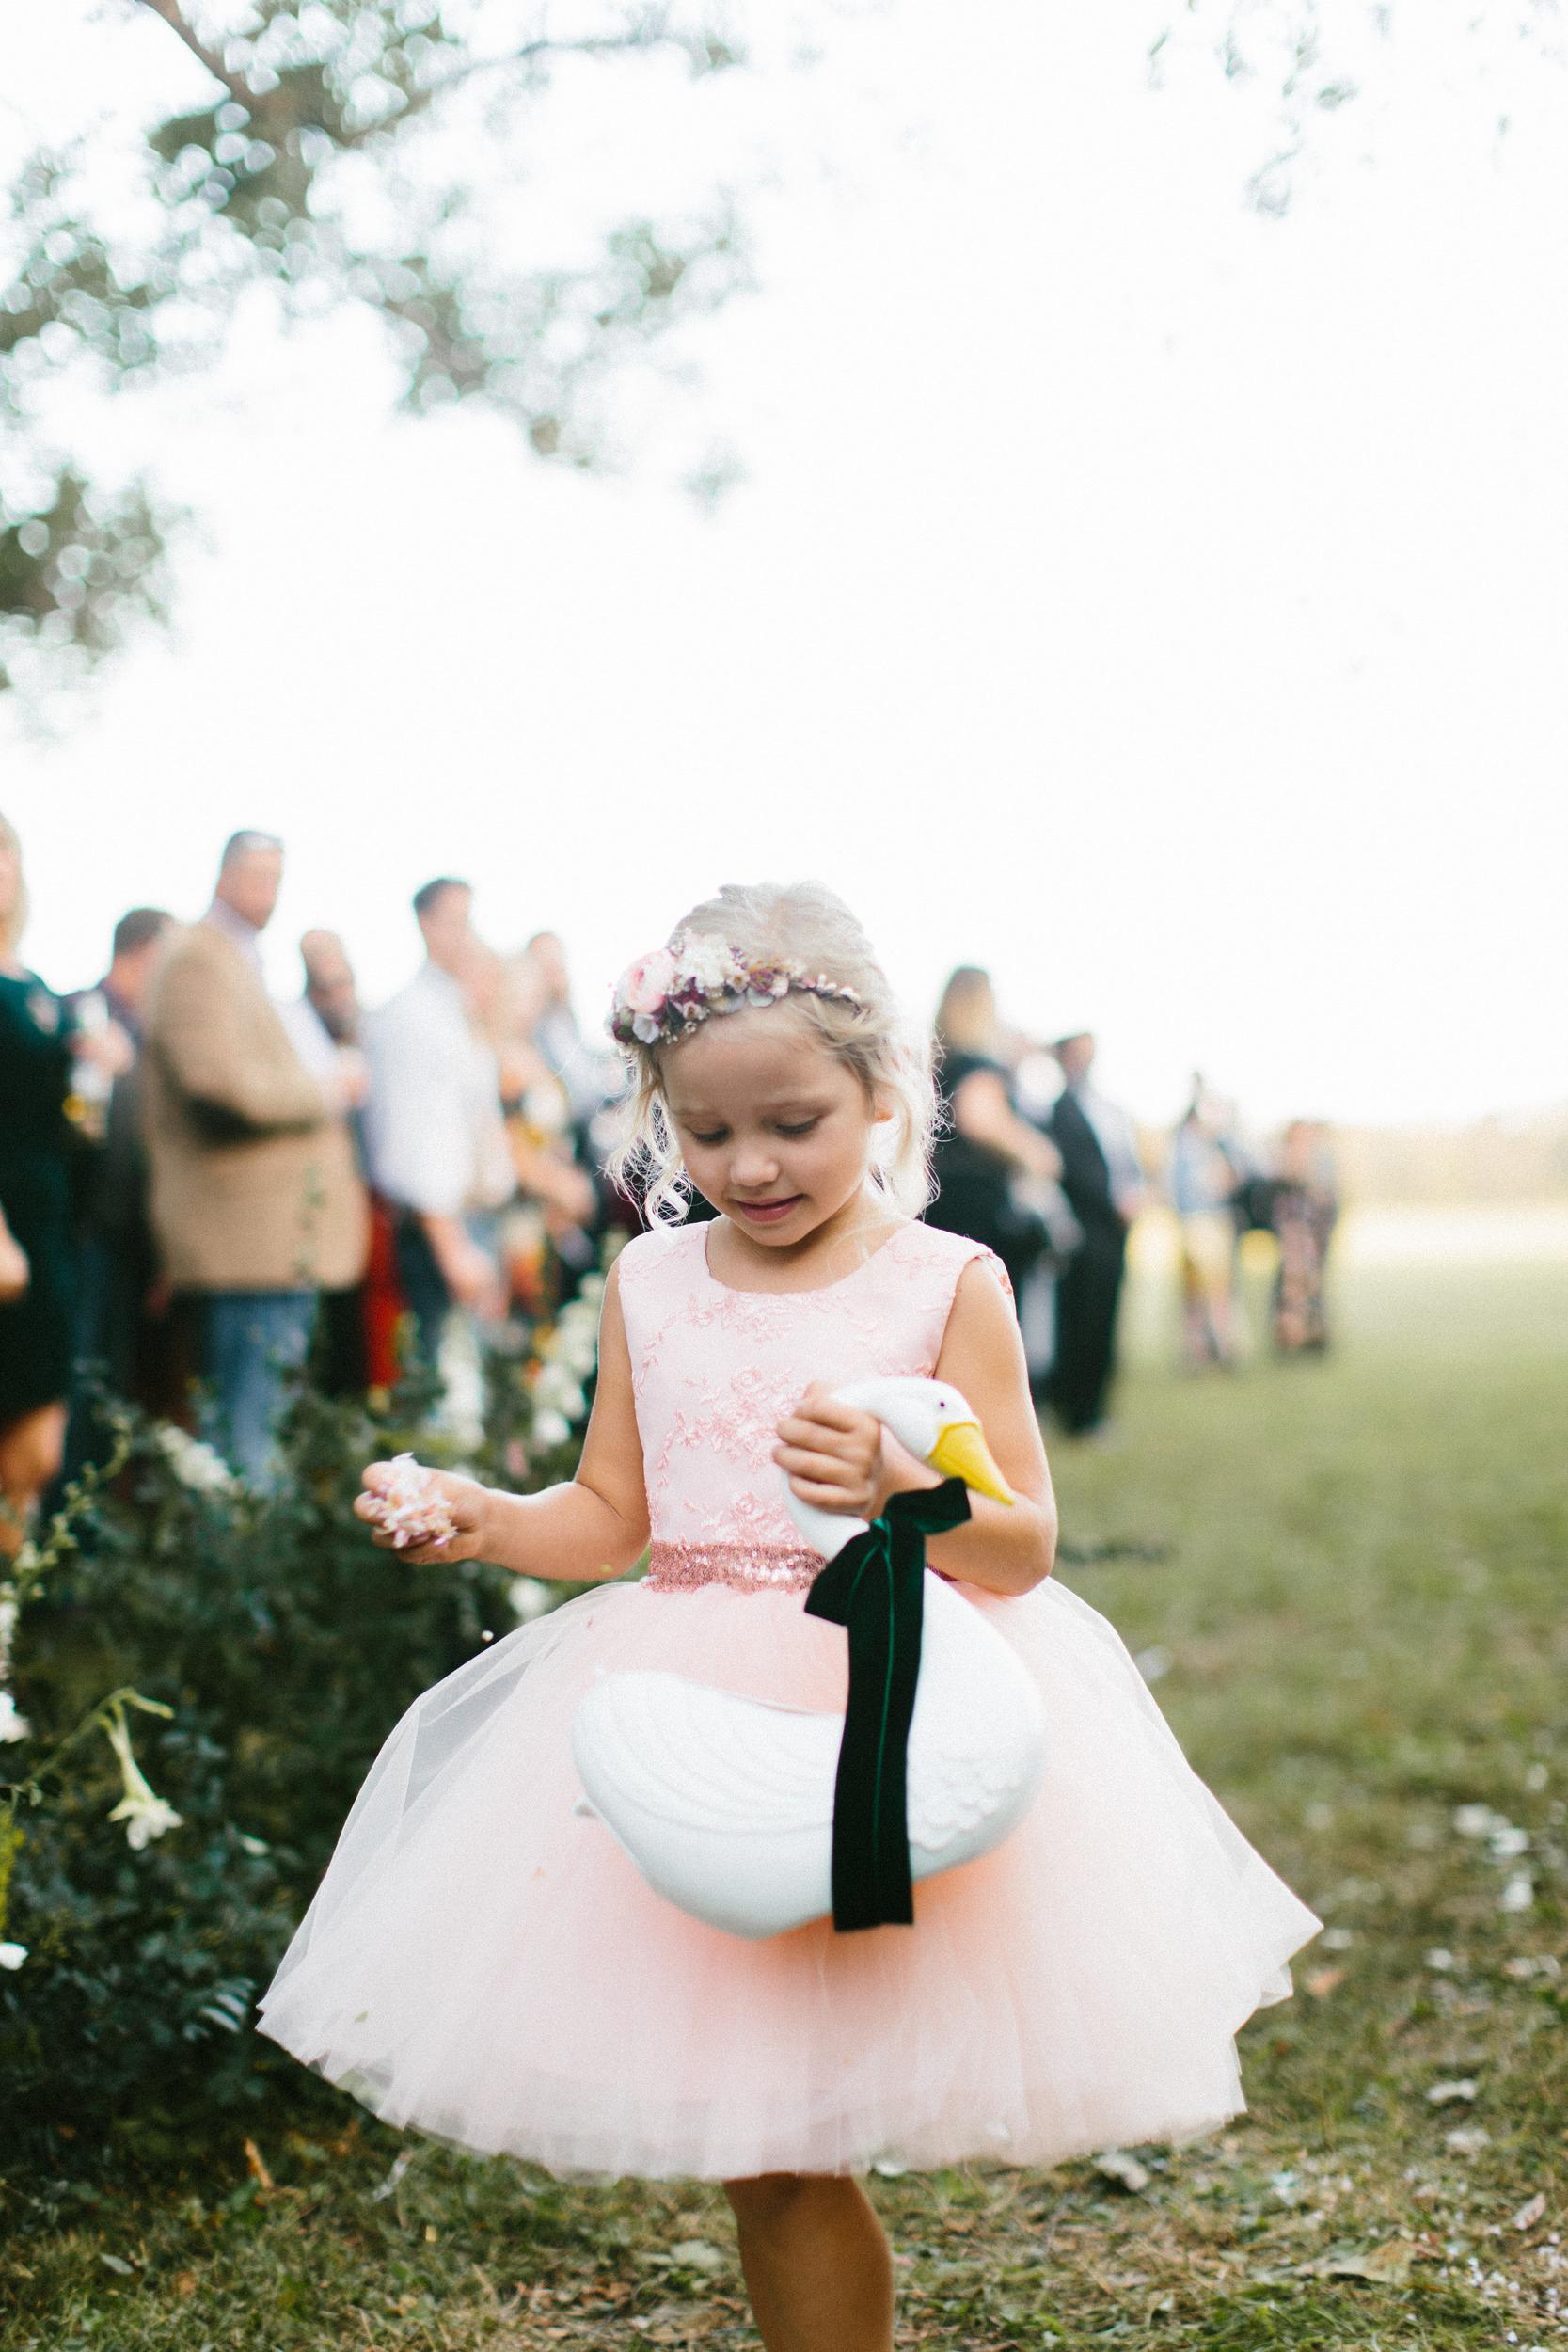 flower girl throwing petals